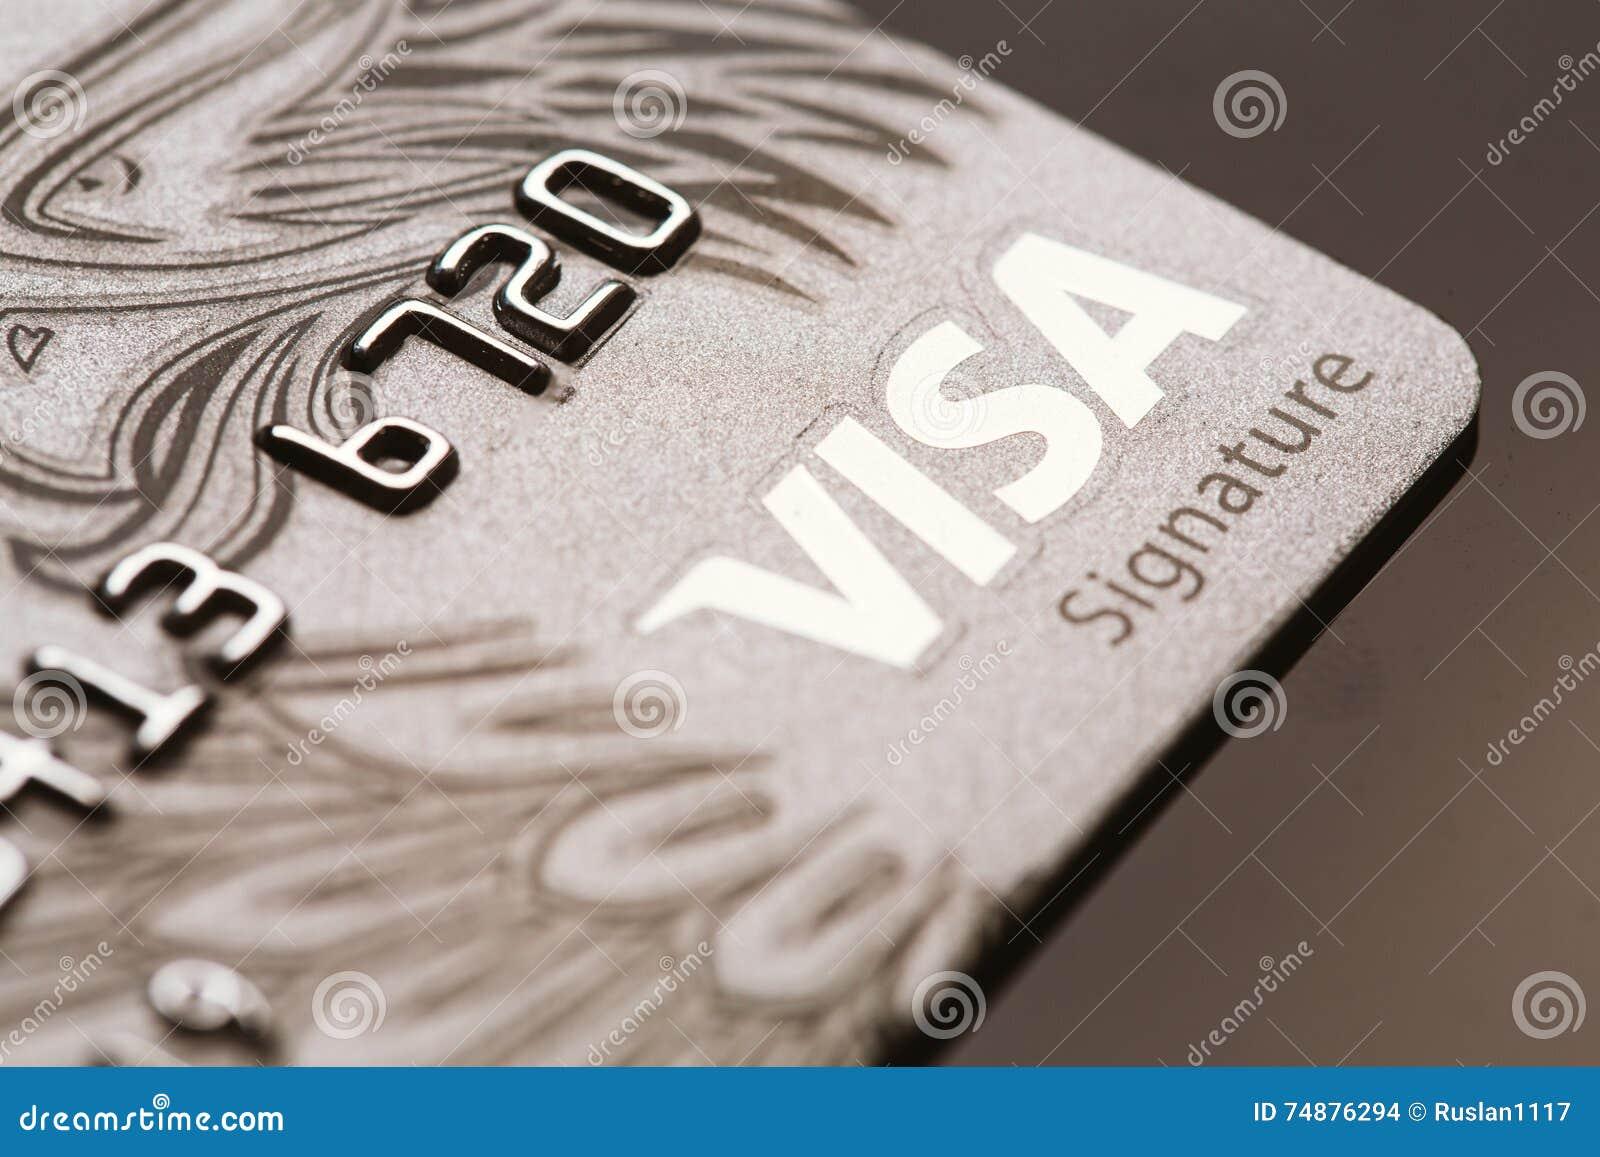 Samara, Rússia 25 de julho 2016: Close-up do cartão de crédito da assinatura do visto